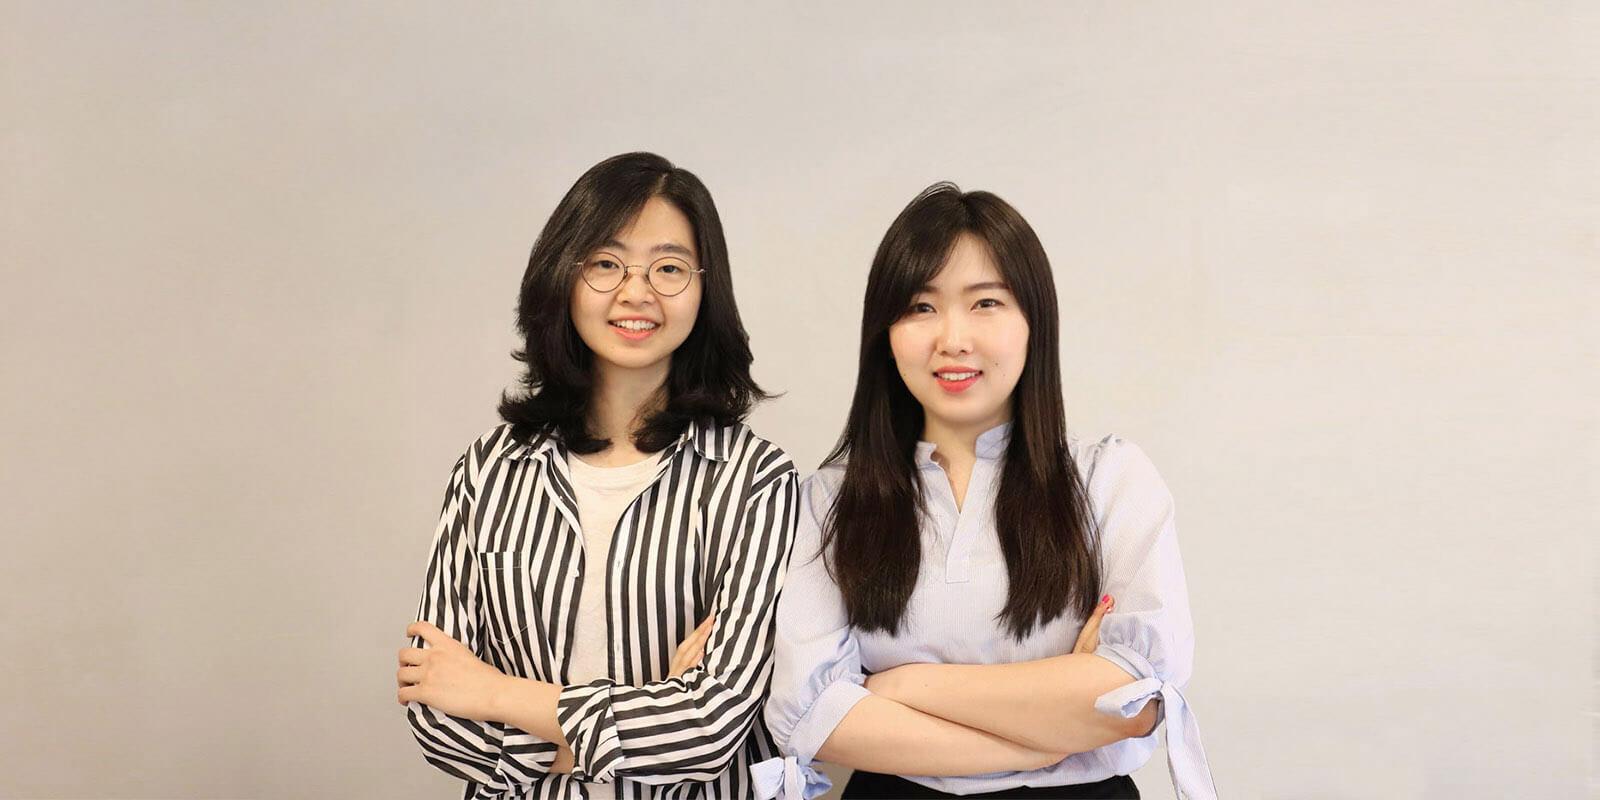 해피문데이 공동창업자 김도진과 부혜은이 각자 팔짱을 끼고 미소 짓고 서있는 사진